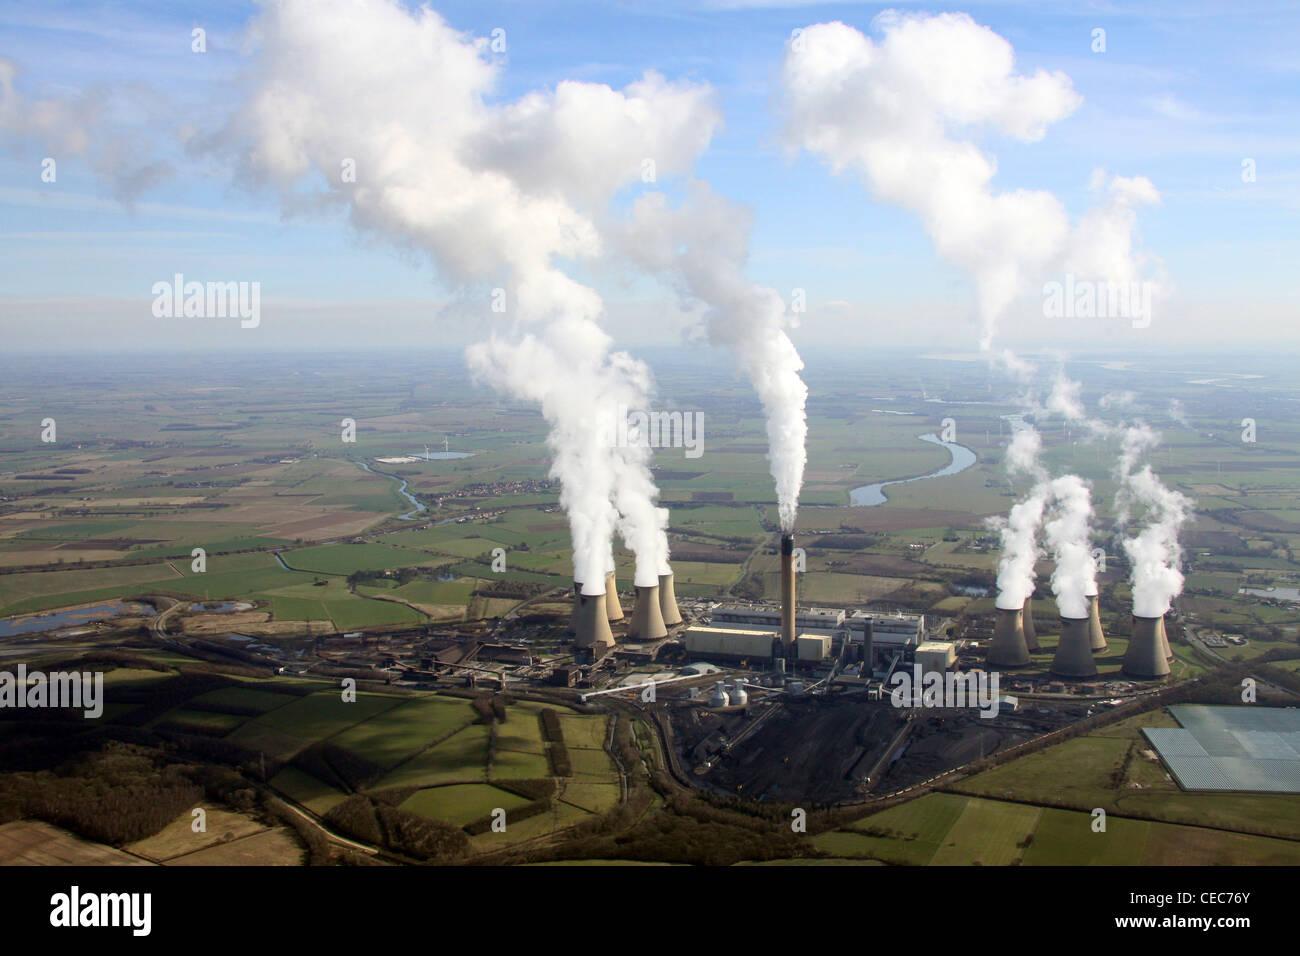 Imagen aérea de la central eléctrica de Drax cerca de Selby, North Yorkshire. Las emisiones de vapor de Imagen De Stock